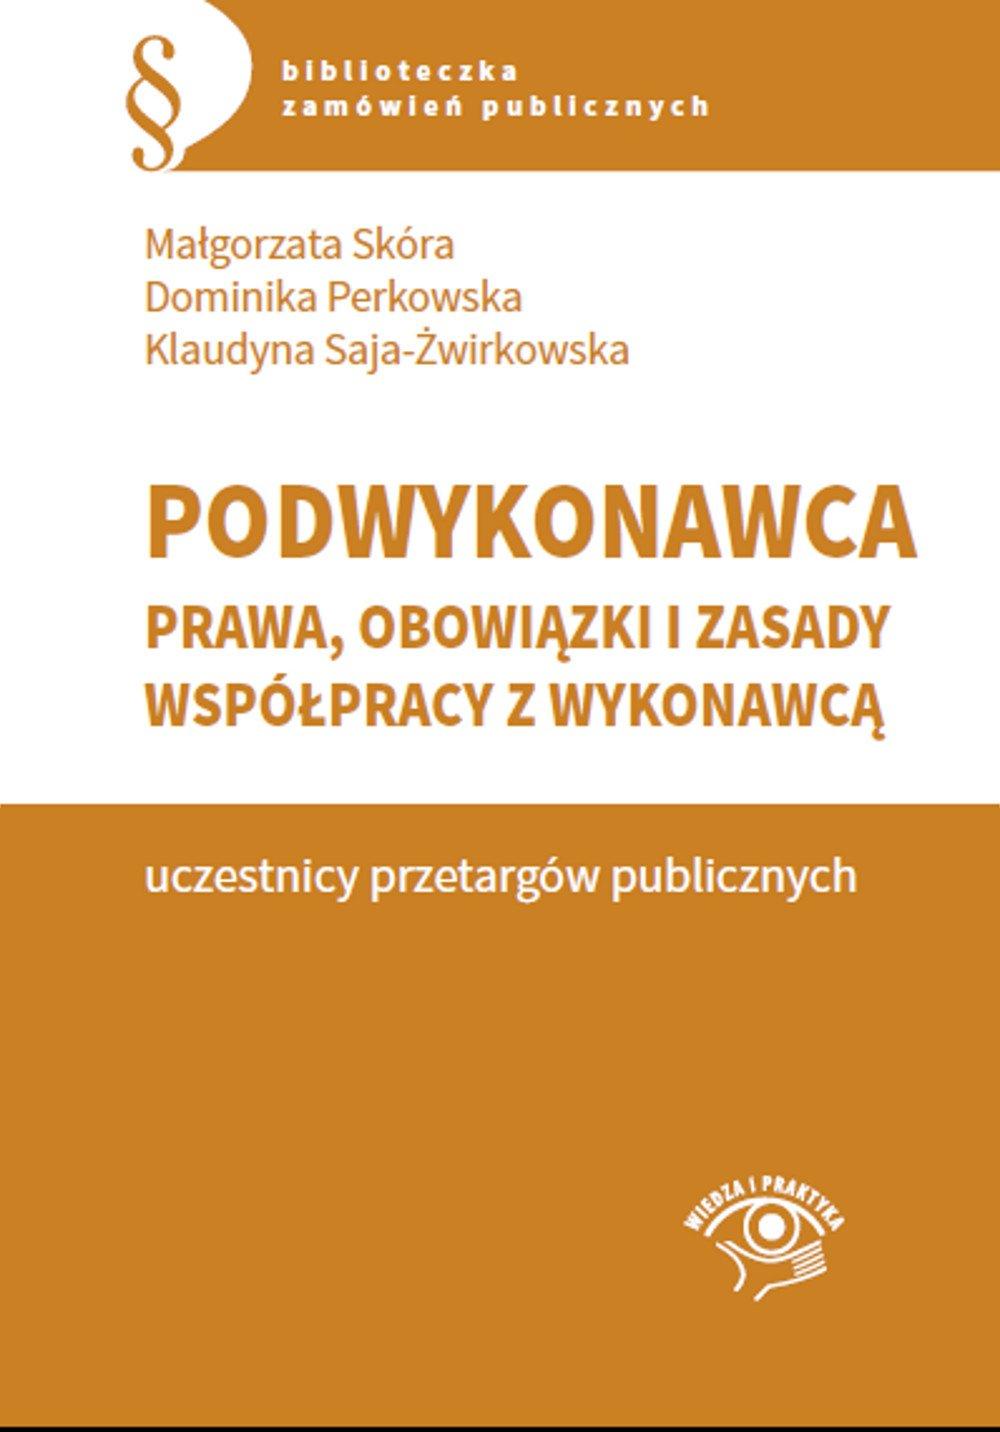 Podwykonawca – prawa, obowiązki i zasady współpracy z wykonawcą - Ebook (Książka EPUB) do pobrania w formacie EPUB